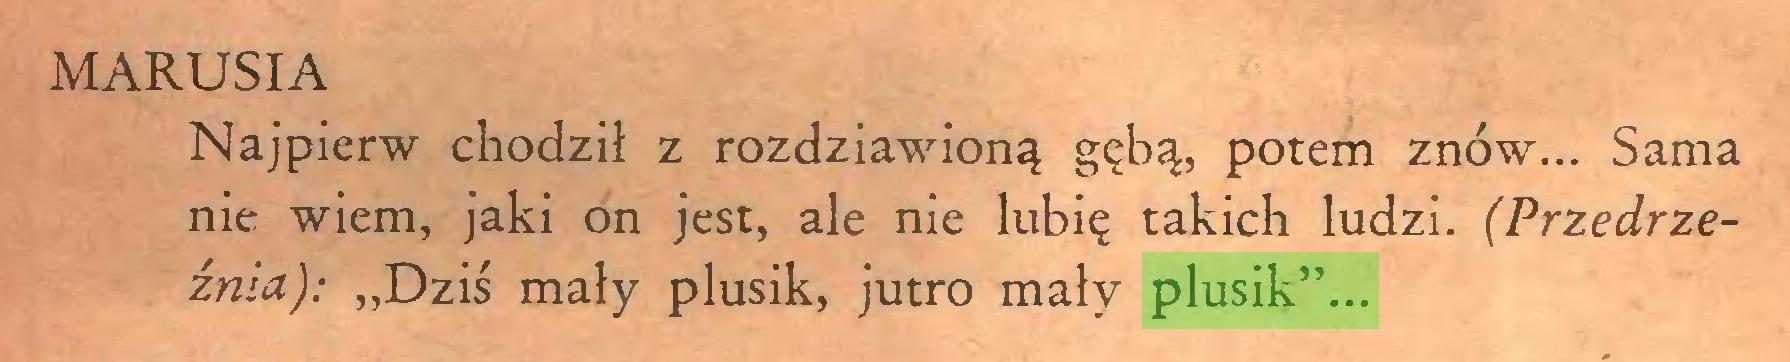 """(...) MARUSIA Najpierw chodził z rozdziawioną gębą, potem znów... Sama nie wiem, jaki on jest, ale nie lubię takich ludzi. (Przedrzeźnia): """"Dziś mały plusik, jutro mały plusik""""..."""